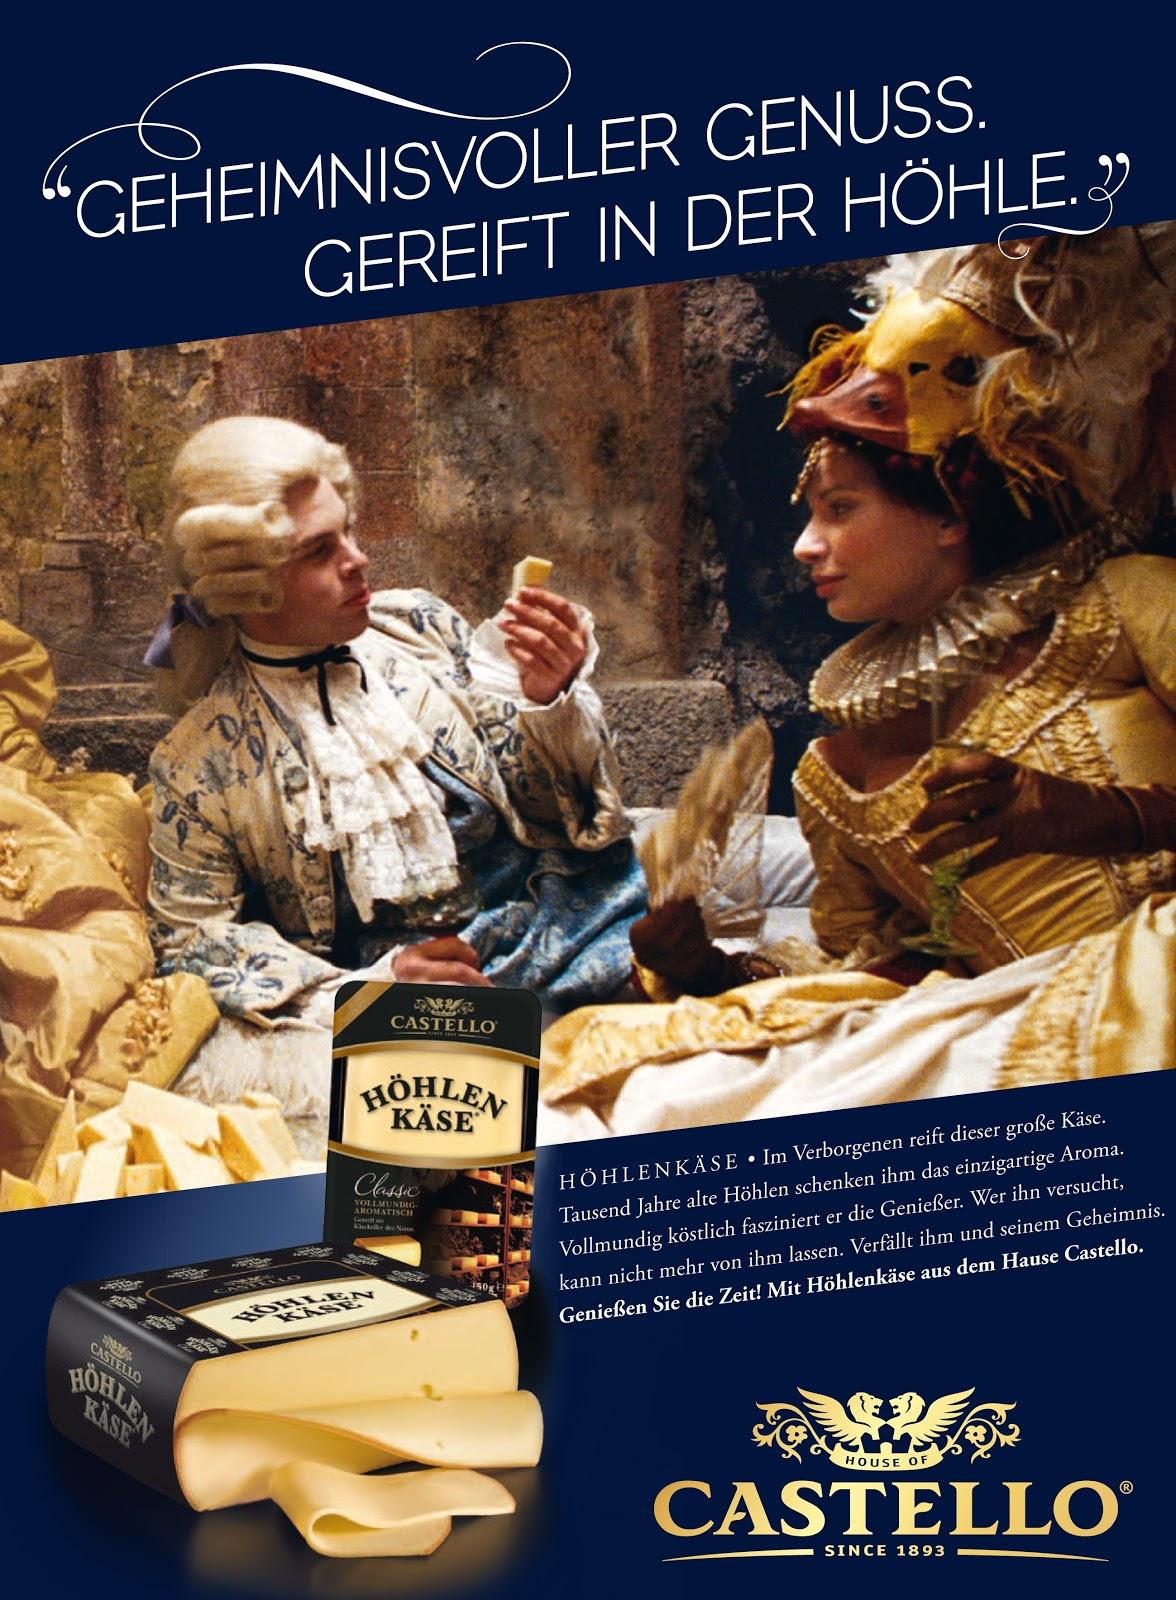 Werbetext, Käse, Markenprodukt, Zeitschriften, Anzeige, business-to-consumer, Auftraggeber, Werbeagentur, Düsseldorf, Texter, Köln